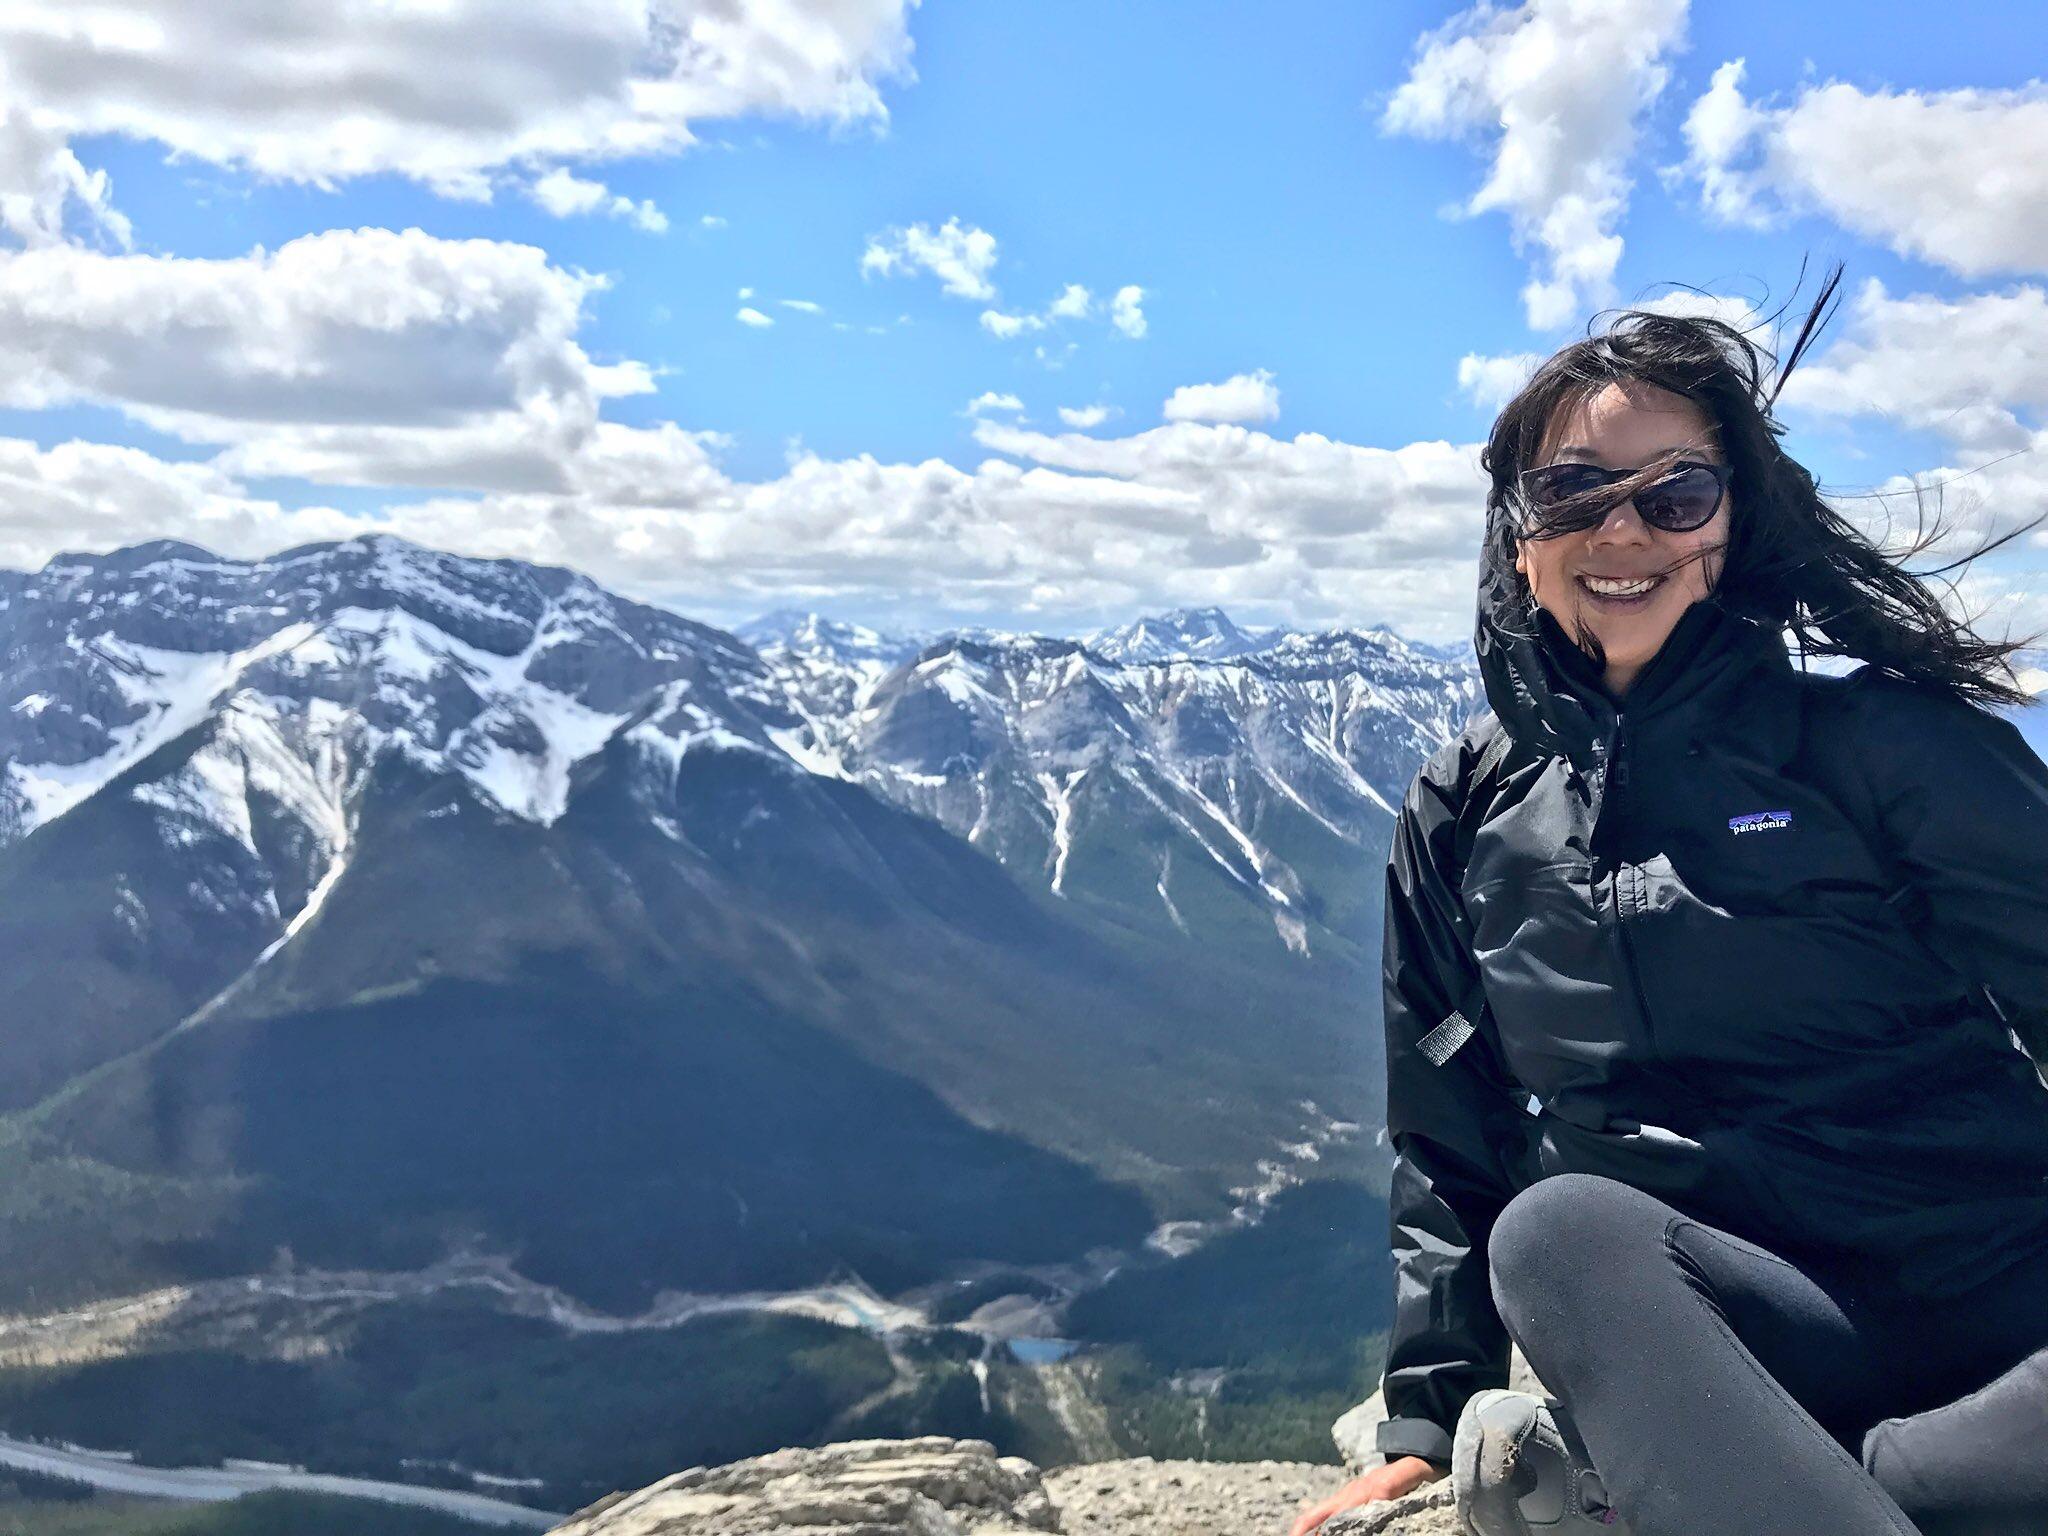 Nicole Fu at Ha Ling Peak, Canmore, Alberta